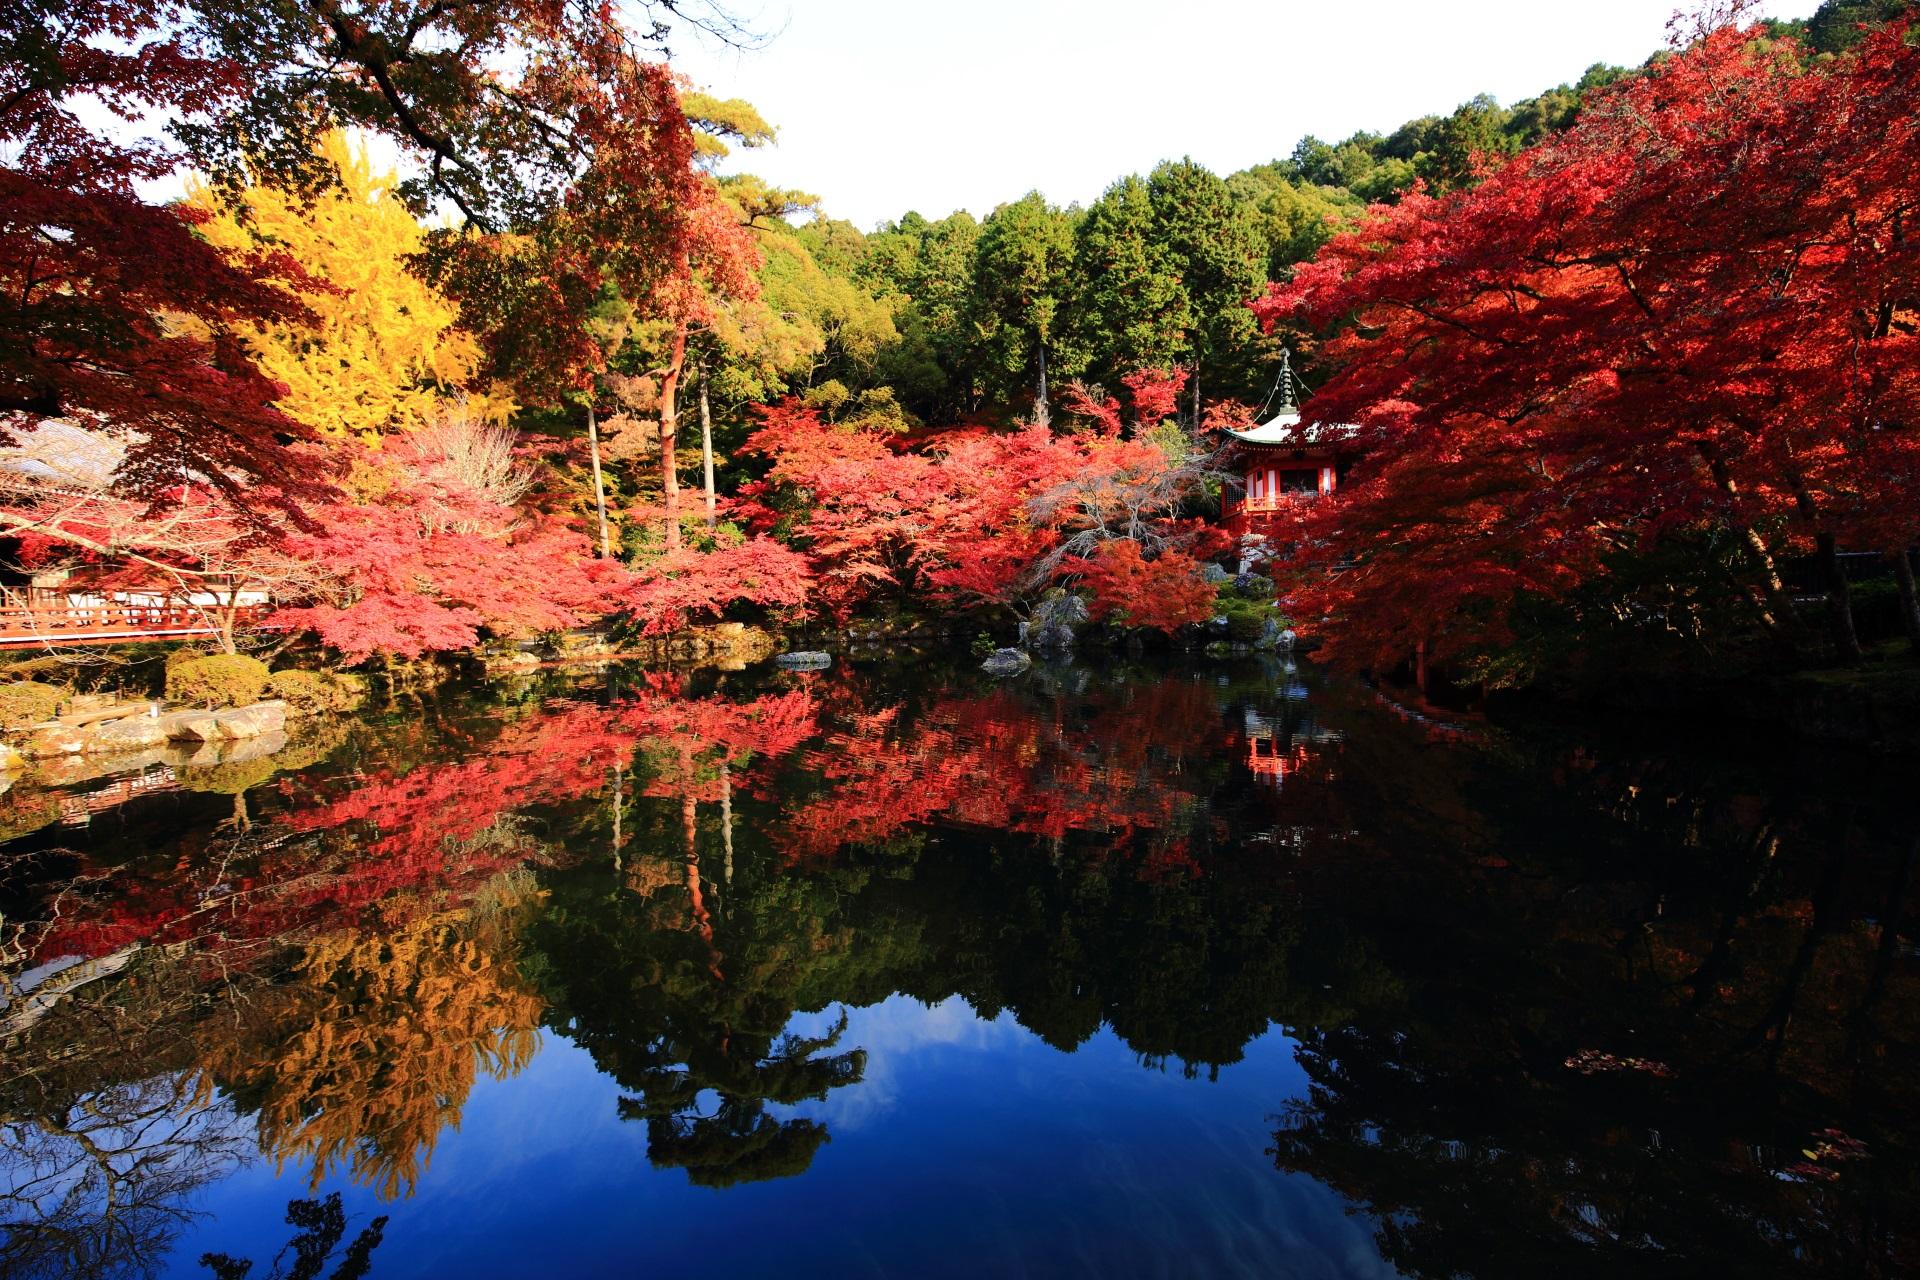 醍醐寺の弁天堂の紅葉と水鏡